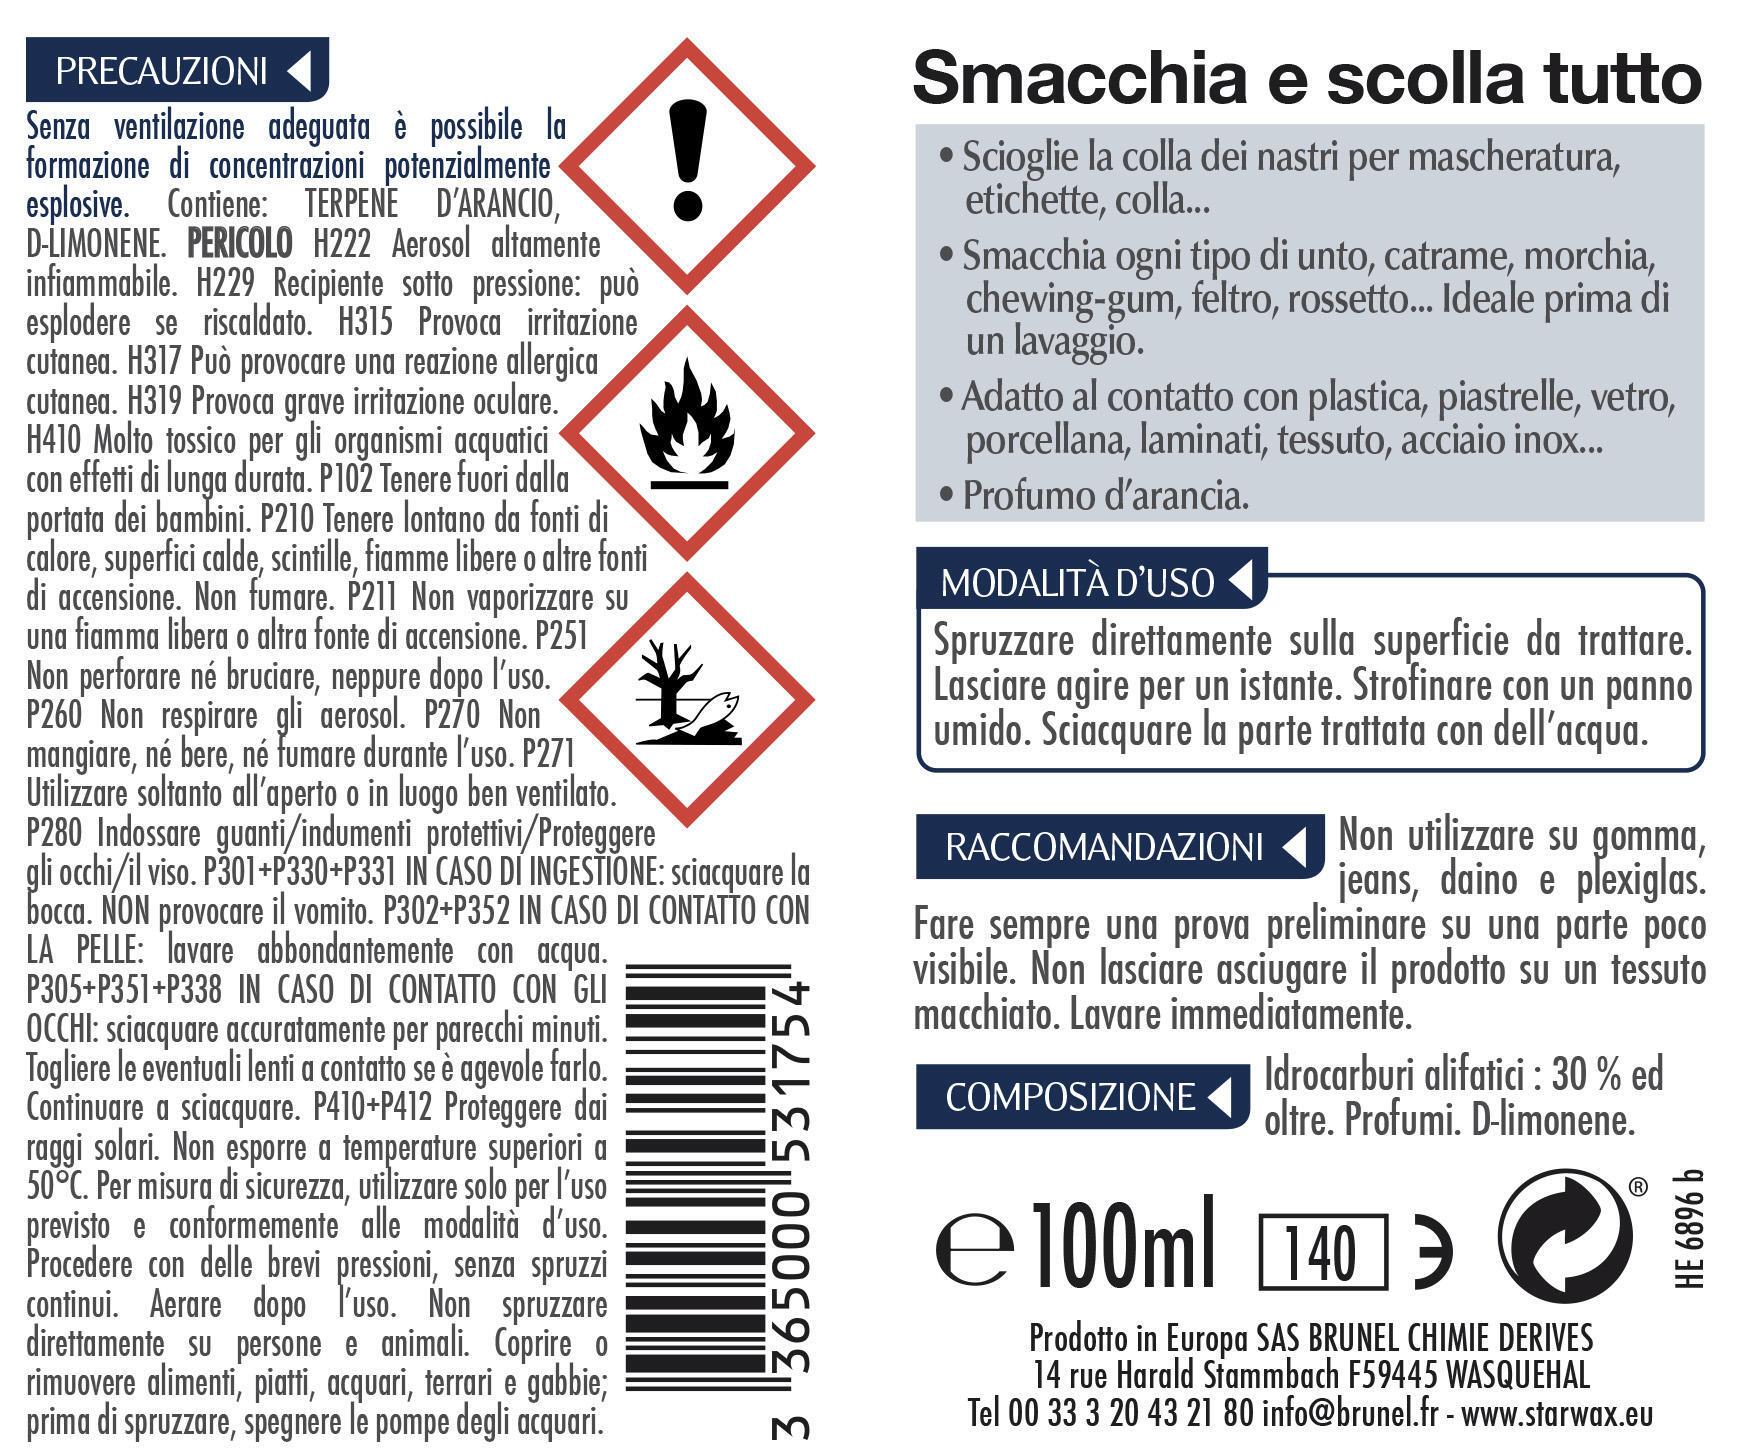 Rimuovi colla Smacchia e scolla tutto 100 ml - 2